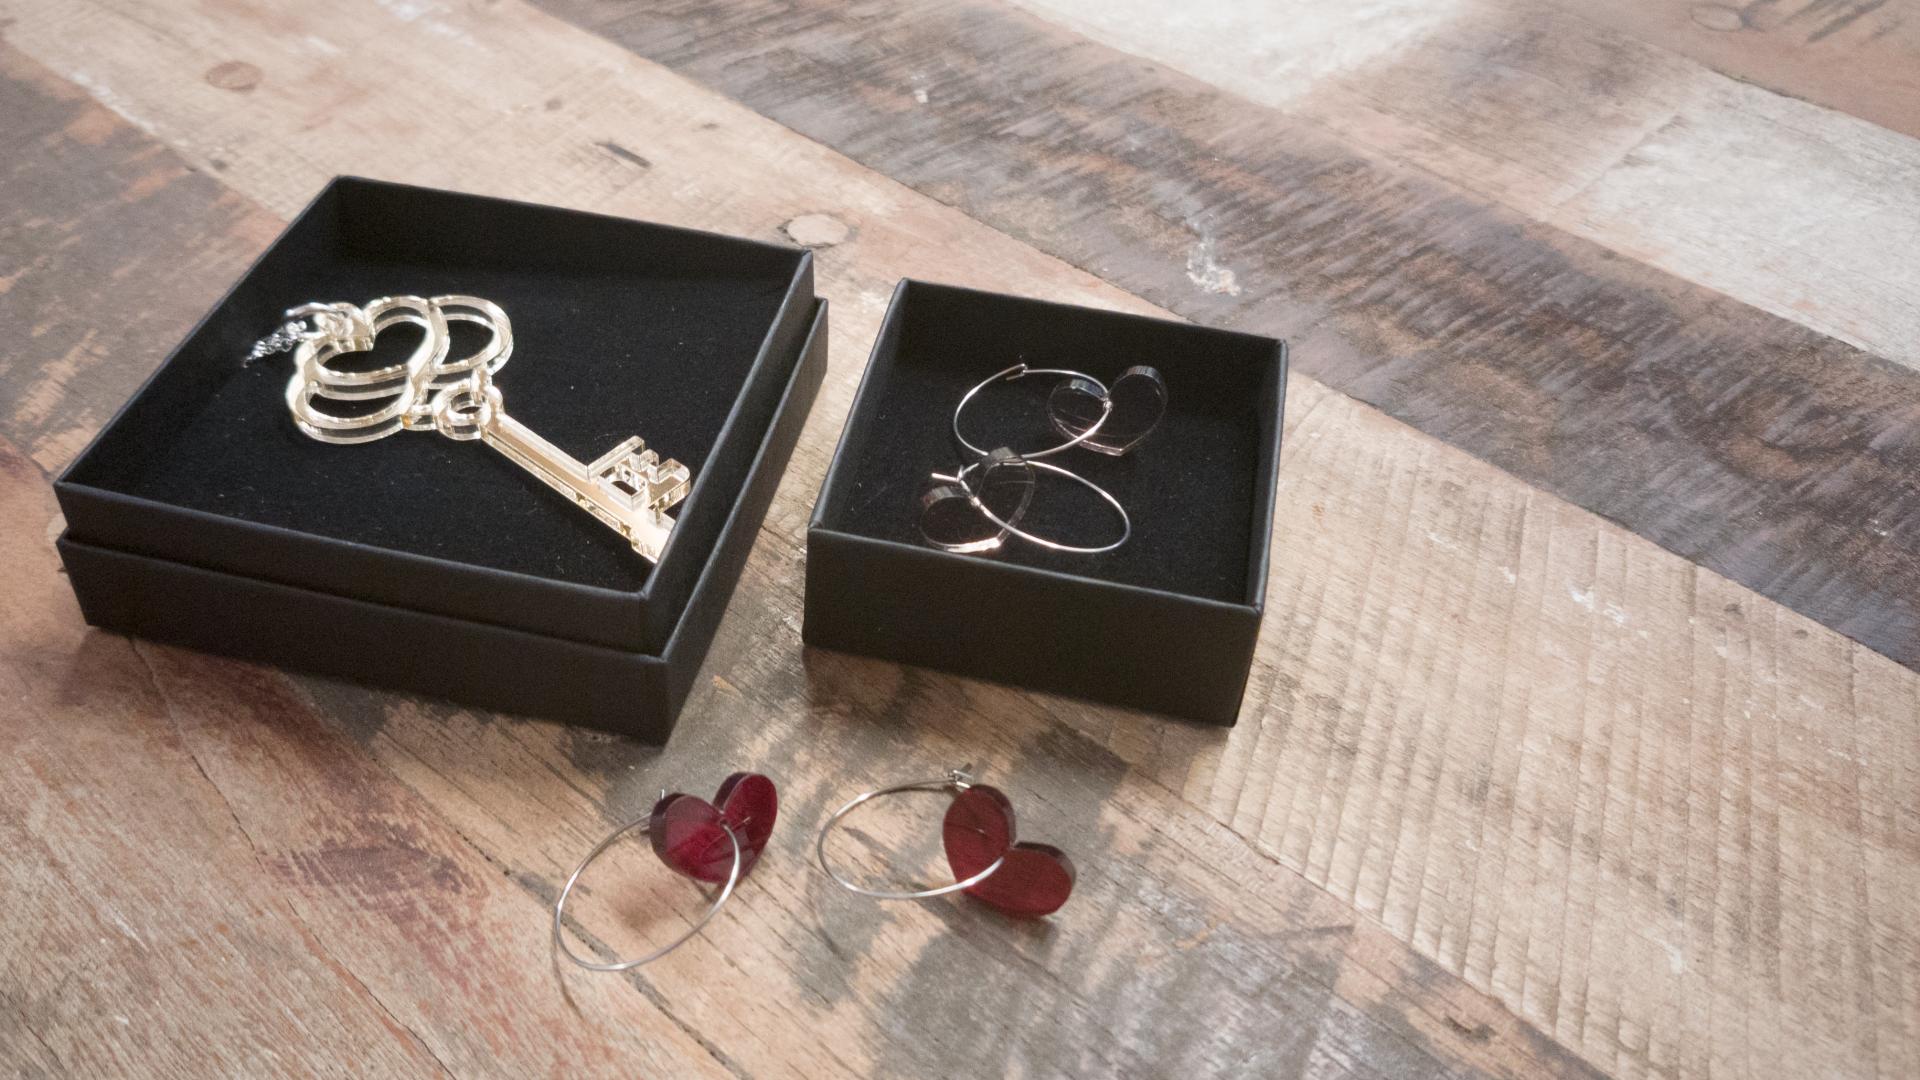 Puisella pöydällä kaksi mustaa korurasiaa, joissa on kultainen avainkaulakoru ja toisessa läpinäkyvät sydämenmuotoiset korvakorut. Niiden edessä pöydällä on toinen pari sydämenmuotoisia punaisia korvakoruja.